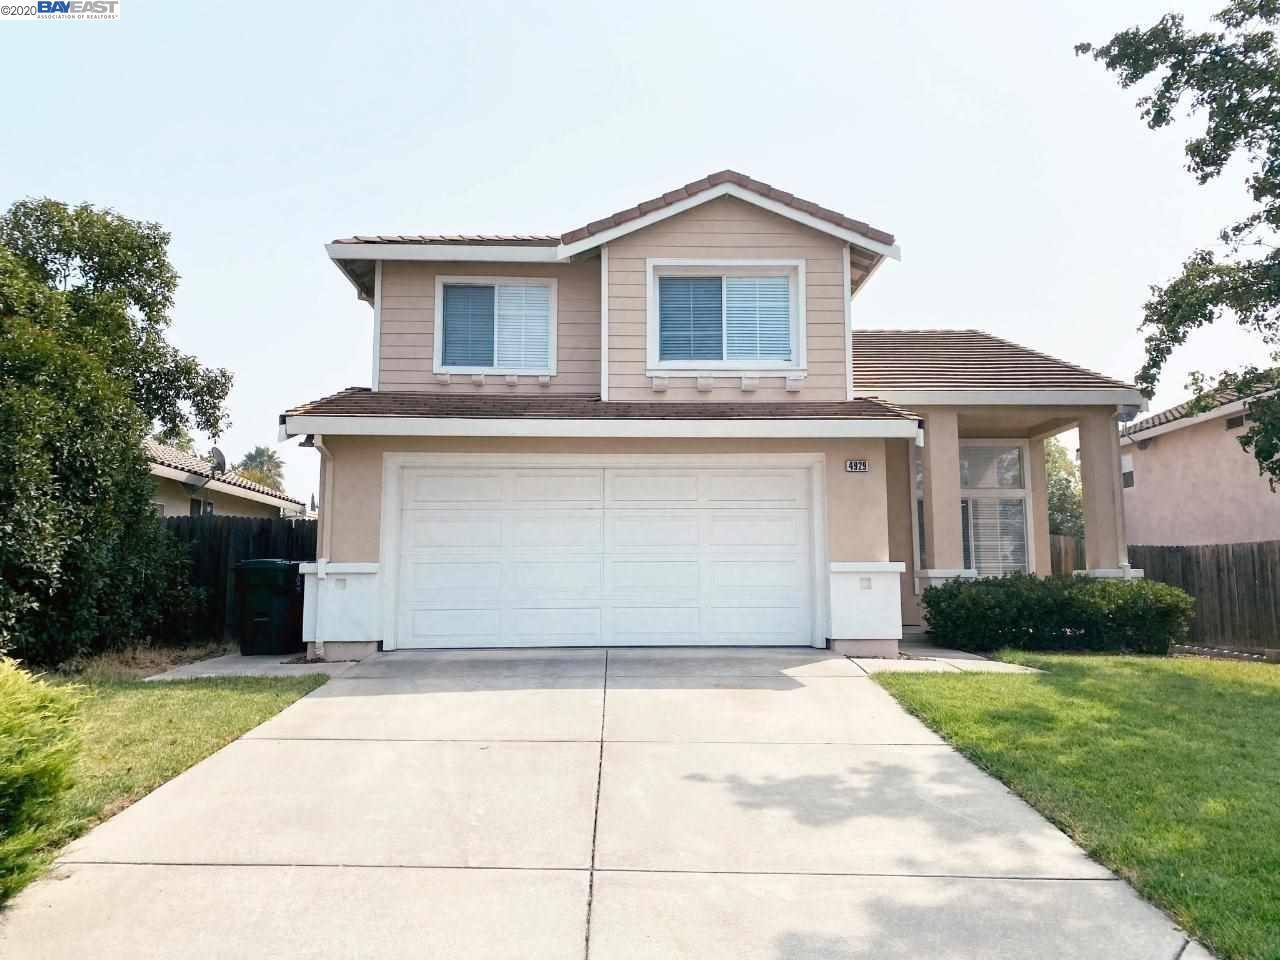 4929 Spur Way, Antioch, CA 94531 - MLS#: 40920926